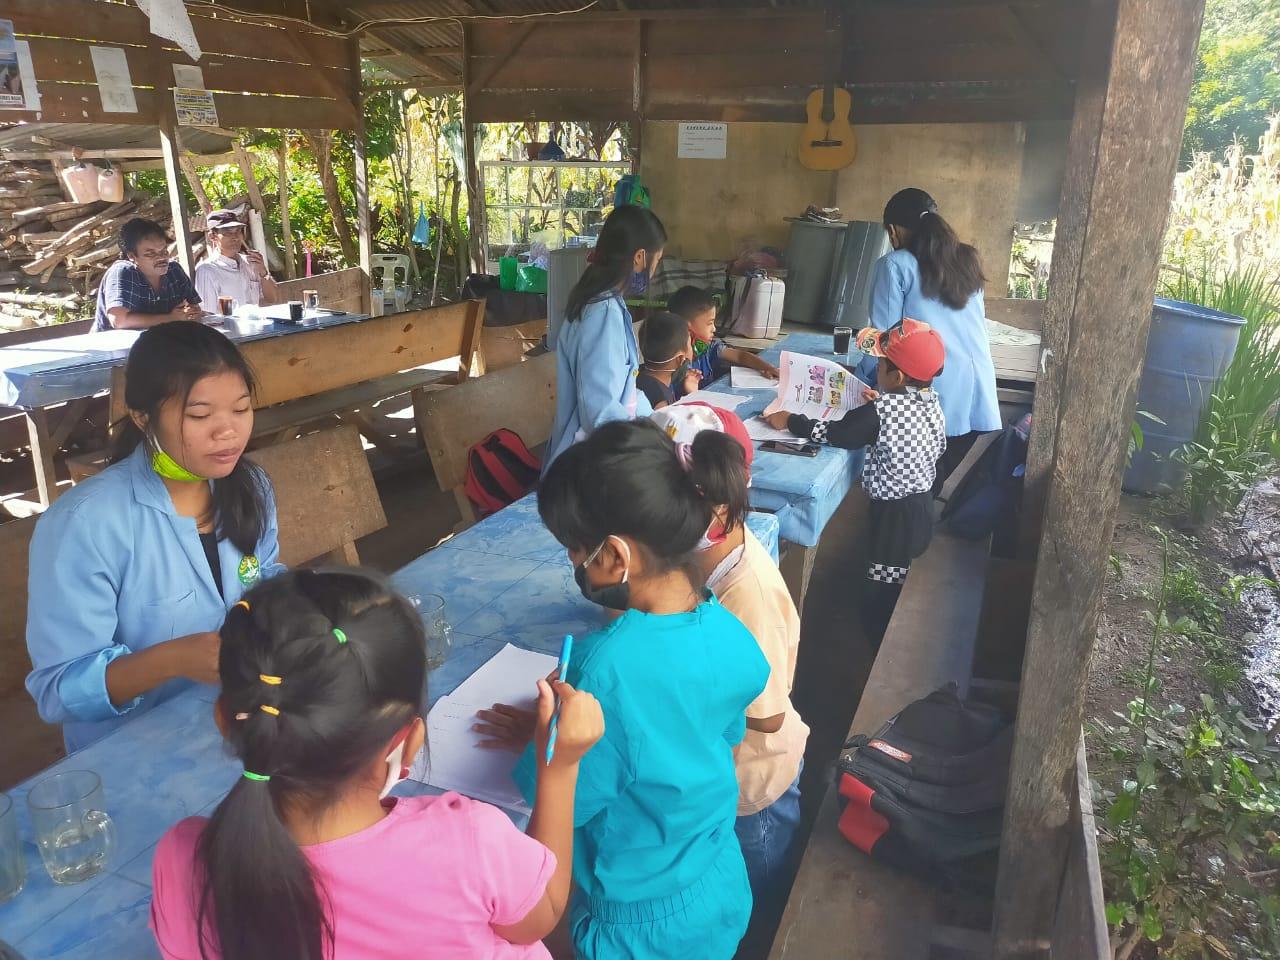 Foto : Kegiatan Belajar Mengajar Di Tengah Pandemi Covid-19,Yang di Fasilitasi Kades Lumban Pinggol.